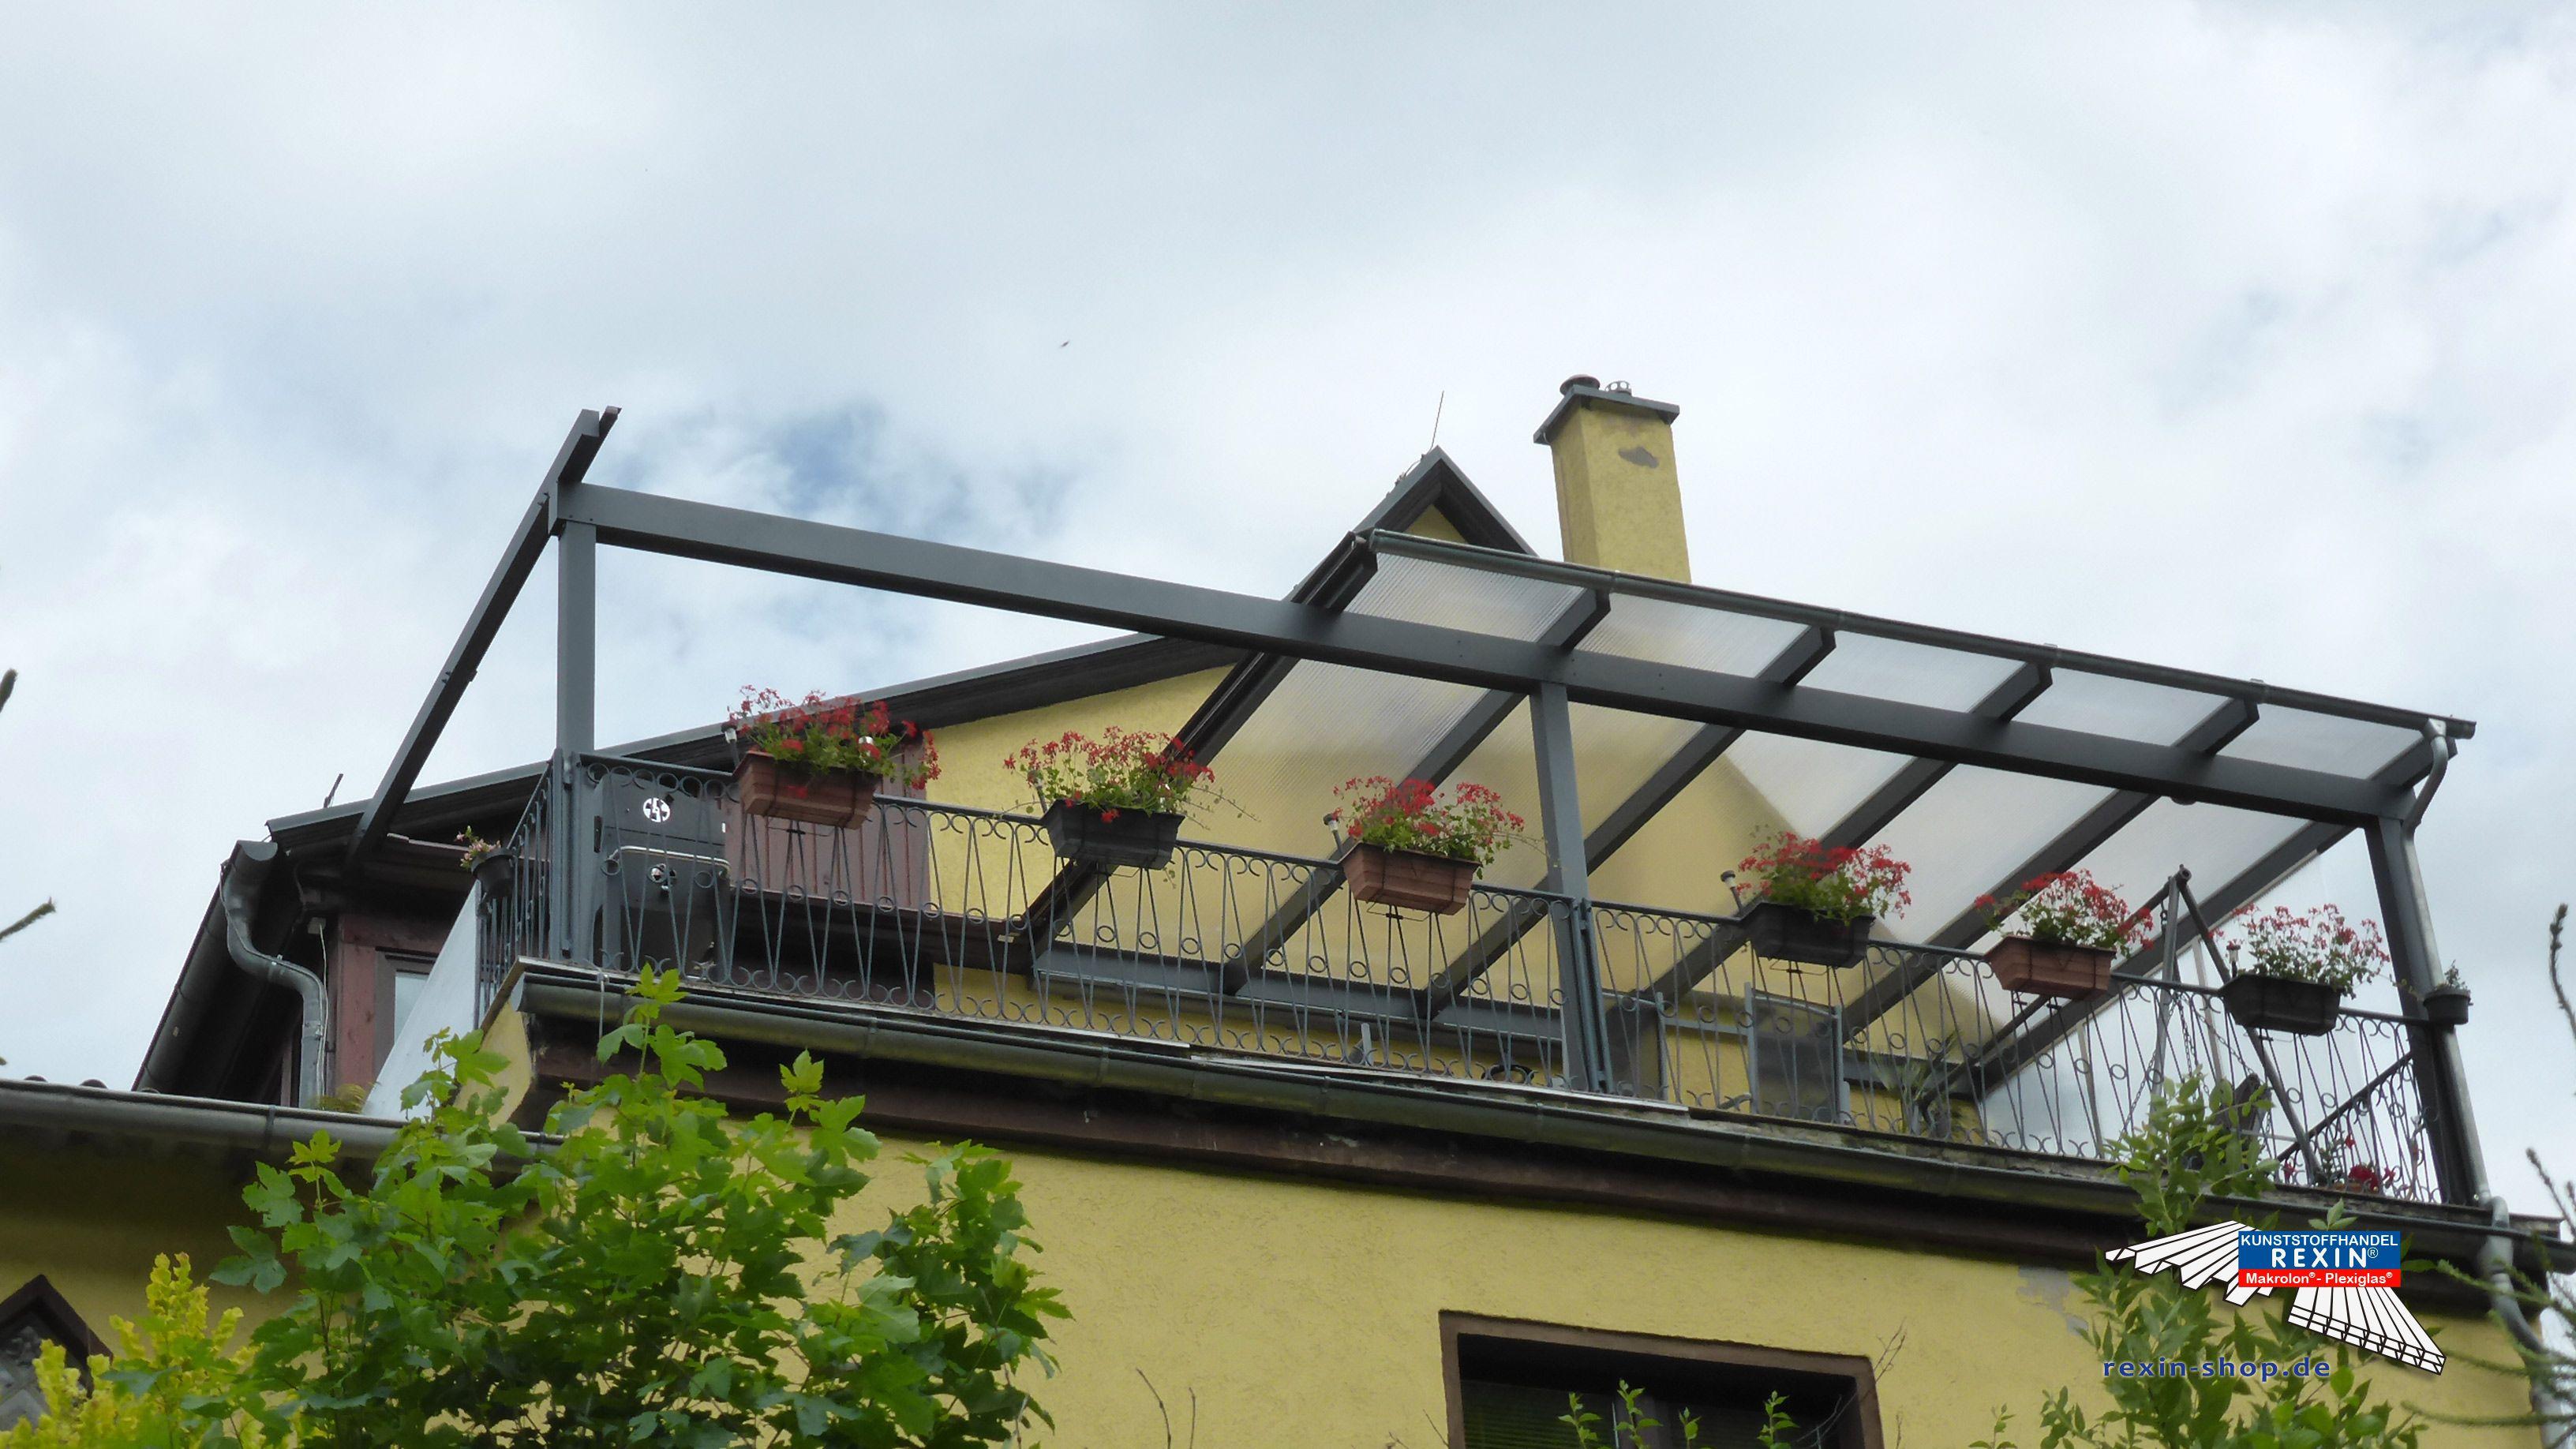 760914d4a352004075fcec4fed256f84 Inspiration Sichtschutz Balkon Einseitig Durchsichtig Schema